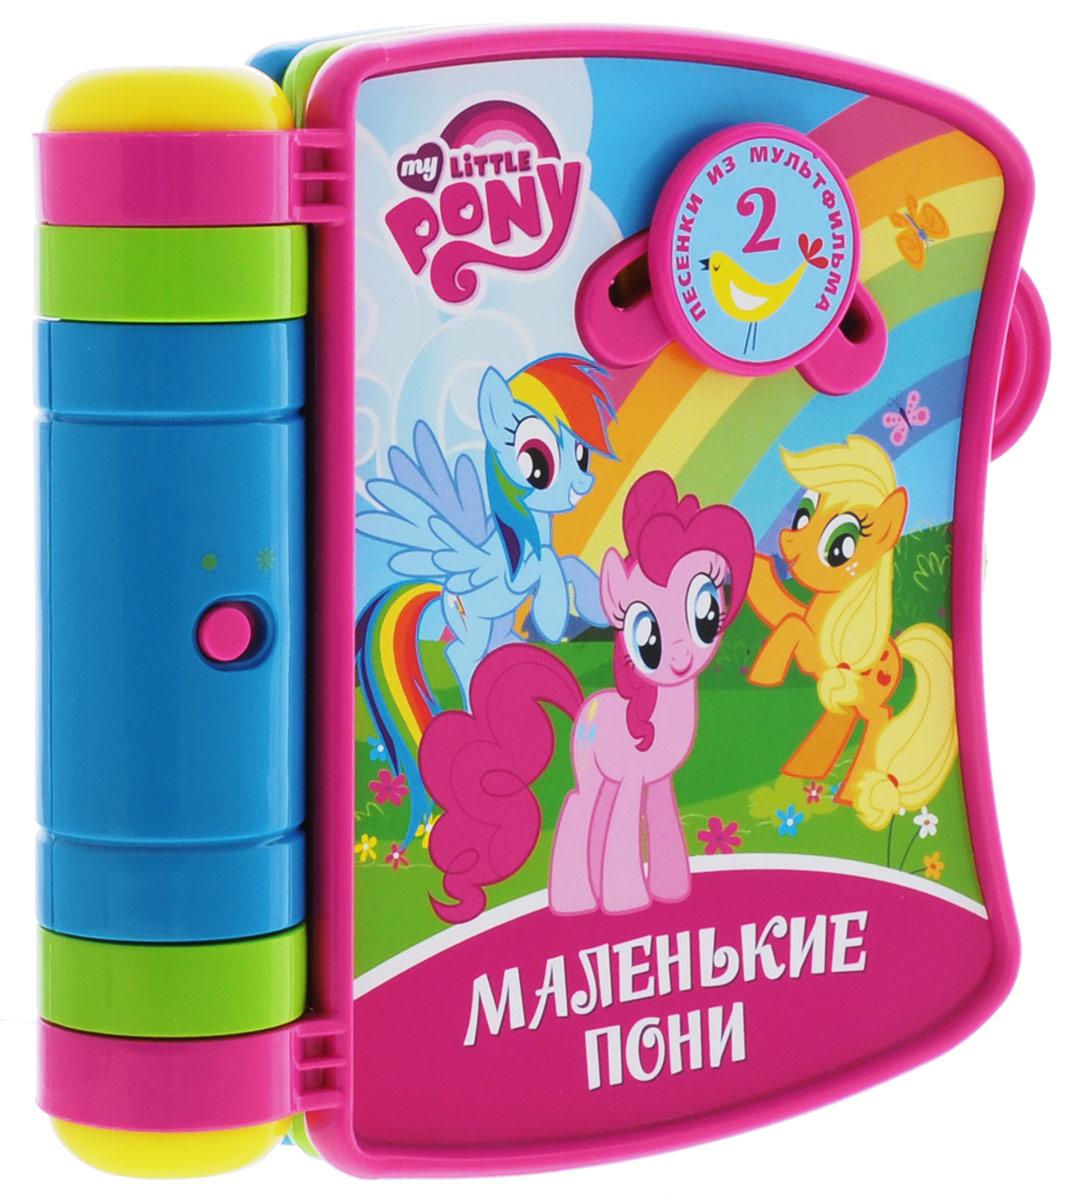 Умка Развивающая книжка-игрушка Маленькие пони0719-11Развивающая книжка-игрушка Умка Маленькие пони - лучший подарок для маленького ребенка. Ваш малыш разовьет музыкальные и сенсорные способности, наглядно-образное мышление и аттенционные способности. Забавные звуки и песенки из мультфильма не дадут скучать малышу. Нажимая на кнопки и переворачивая страницы, он разовьет мелкую моторику и тактильные ощущения. Яркие картинки привлекут внимание и вызовут интерес к игре. Рекомендуется докупить 2 батарейки напряжением 1,5V типа ААА (товар комплектуется демонстрационными).